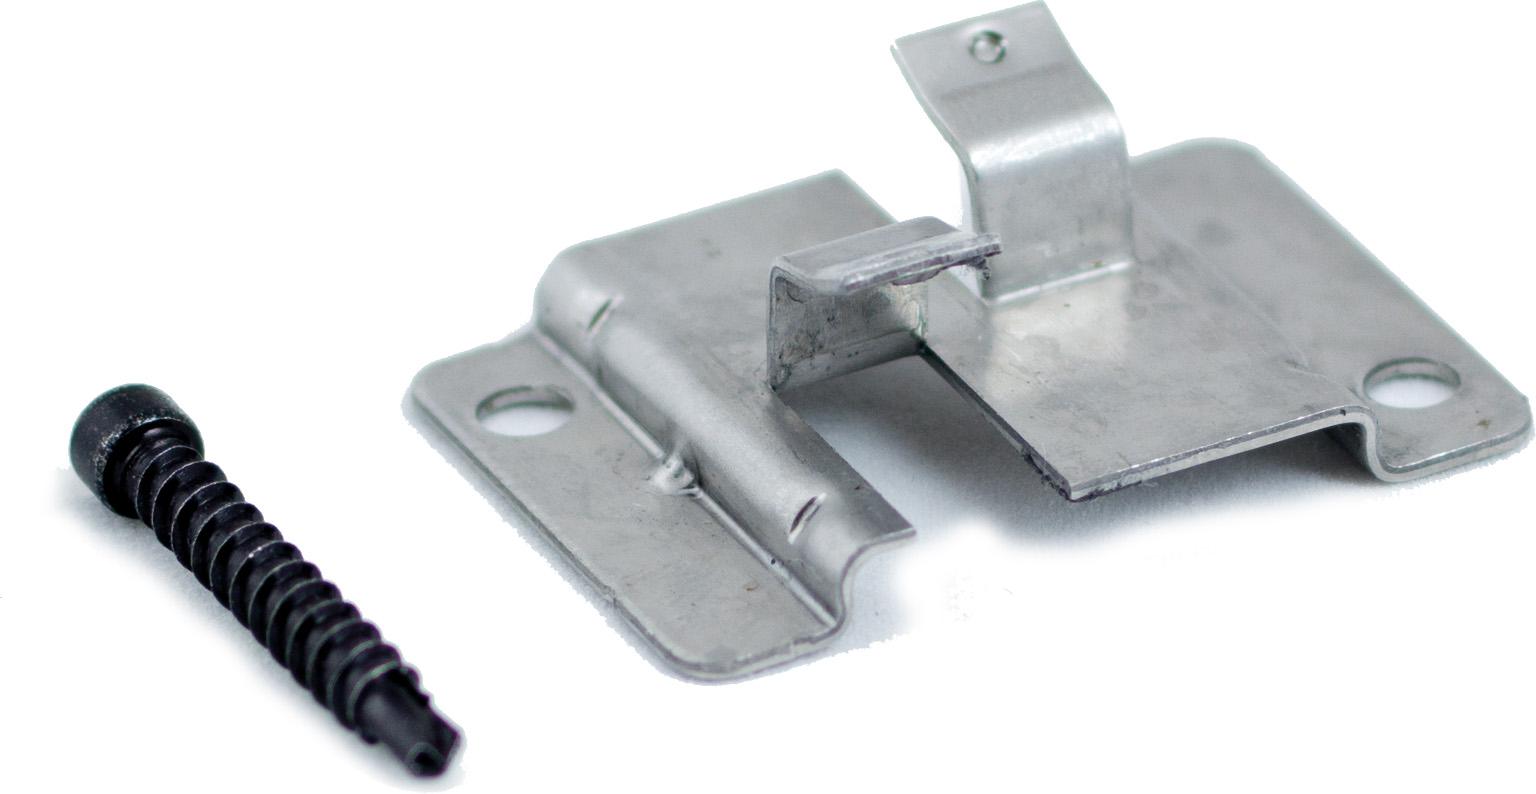 WPC Montagezubehör aus Edelstahl, Verpackung mit 100 Stück inkl. Schrauben, ausreichend für ca. 5 m² bzw. 35 lfm.